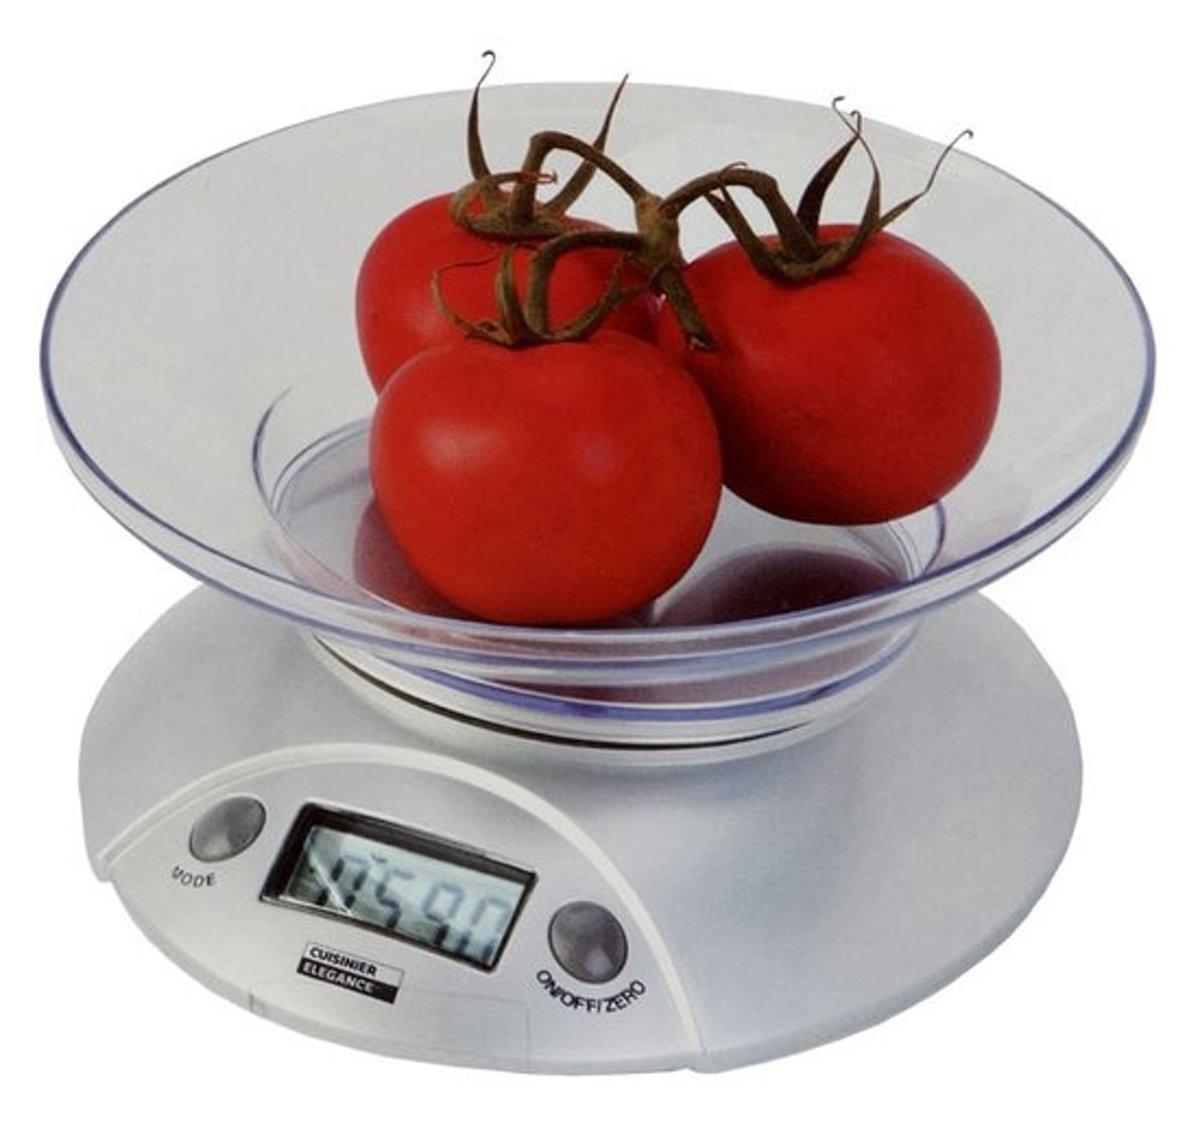 Digitale Keukenweegschaal Met Kom - 3KG - Precisie Tot 1 Gram